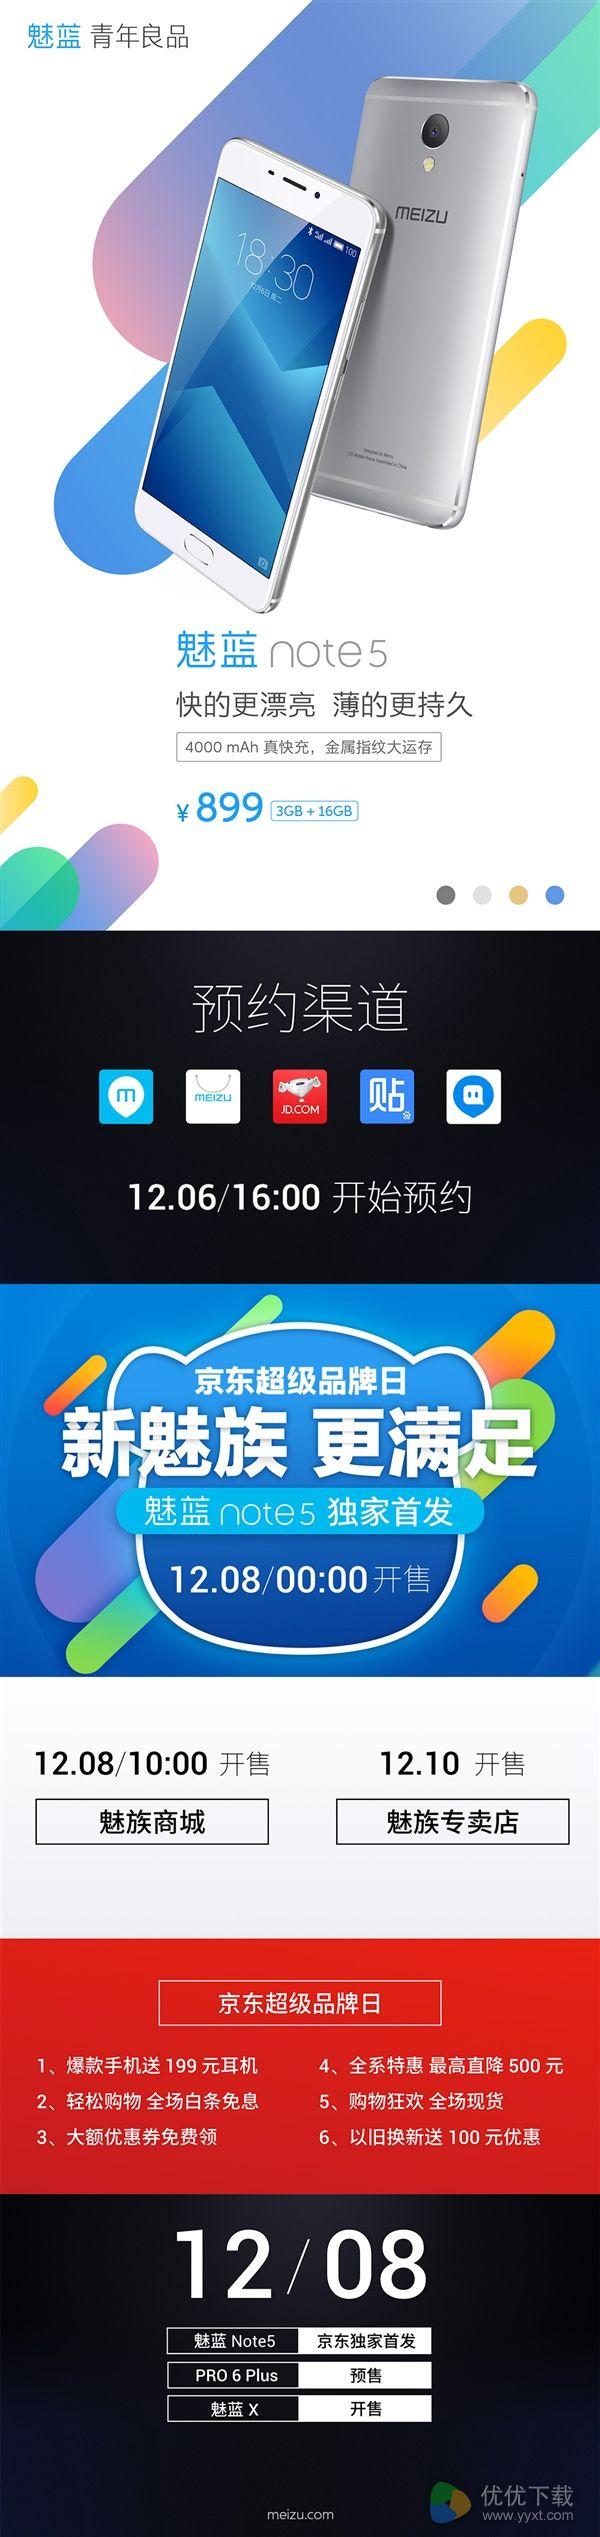 999元!魅蓝Note 5现货开卖 世界级品质